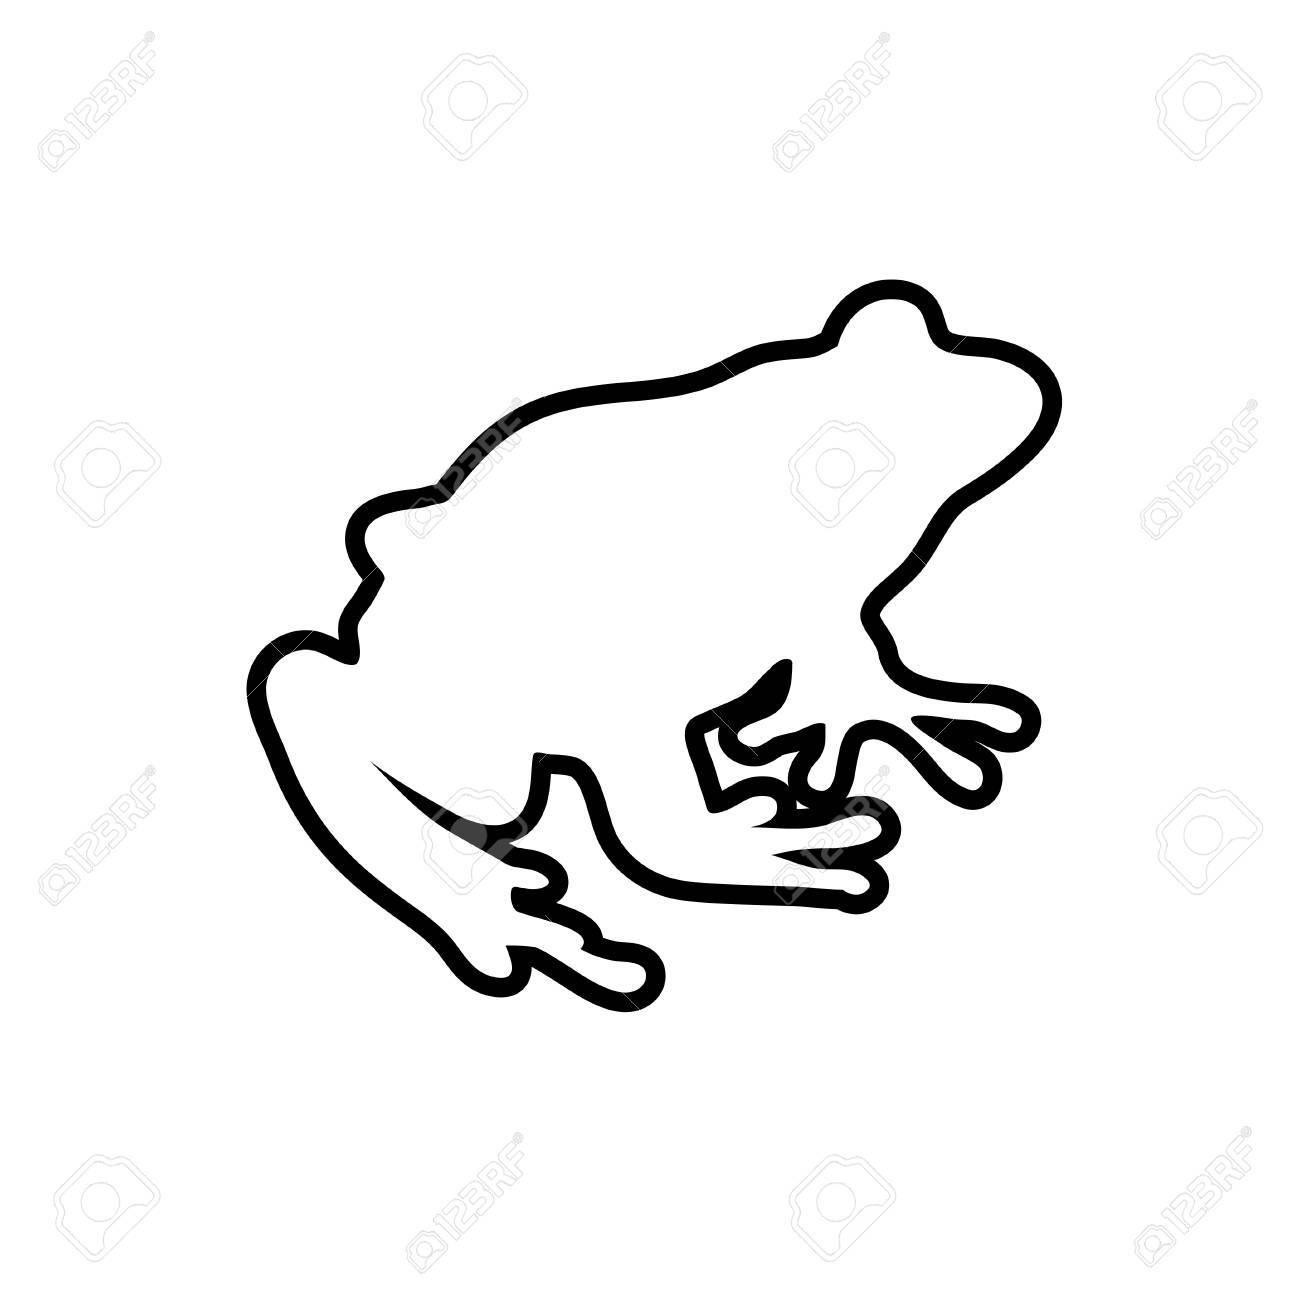 Ilustración De Vector De Líneas De Rana Colorante Para Sapo Adulto Rana Líneas Blancas Y Negras Salto Sapo Patrón De Encaje De Rana